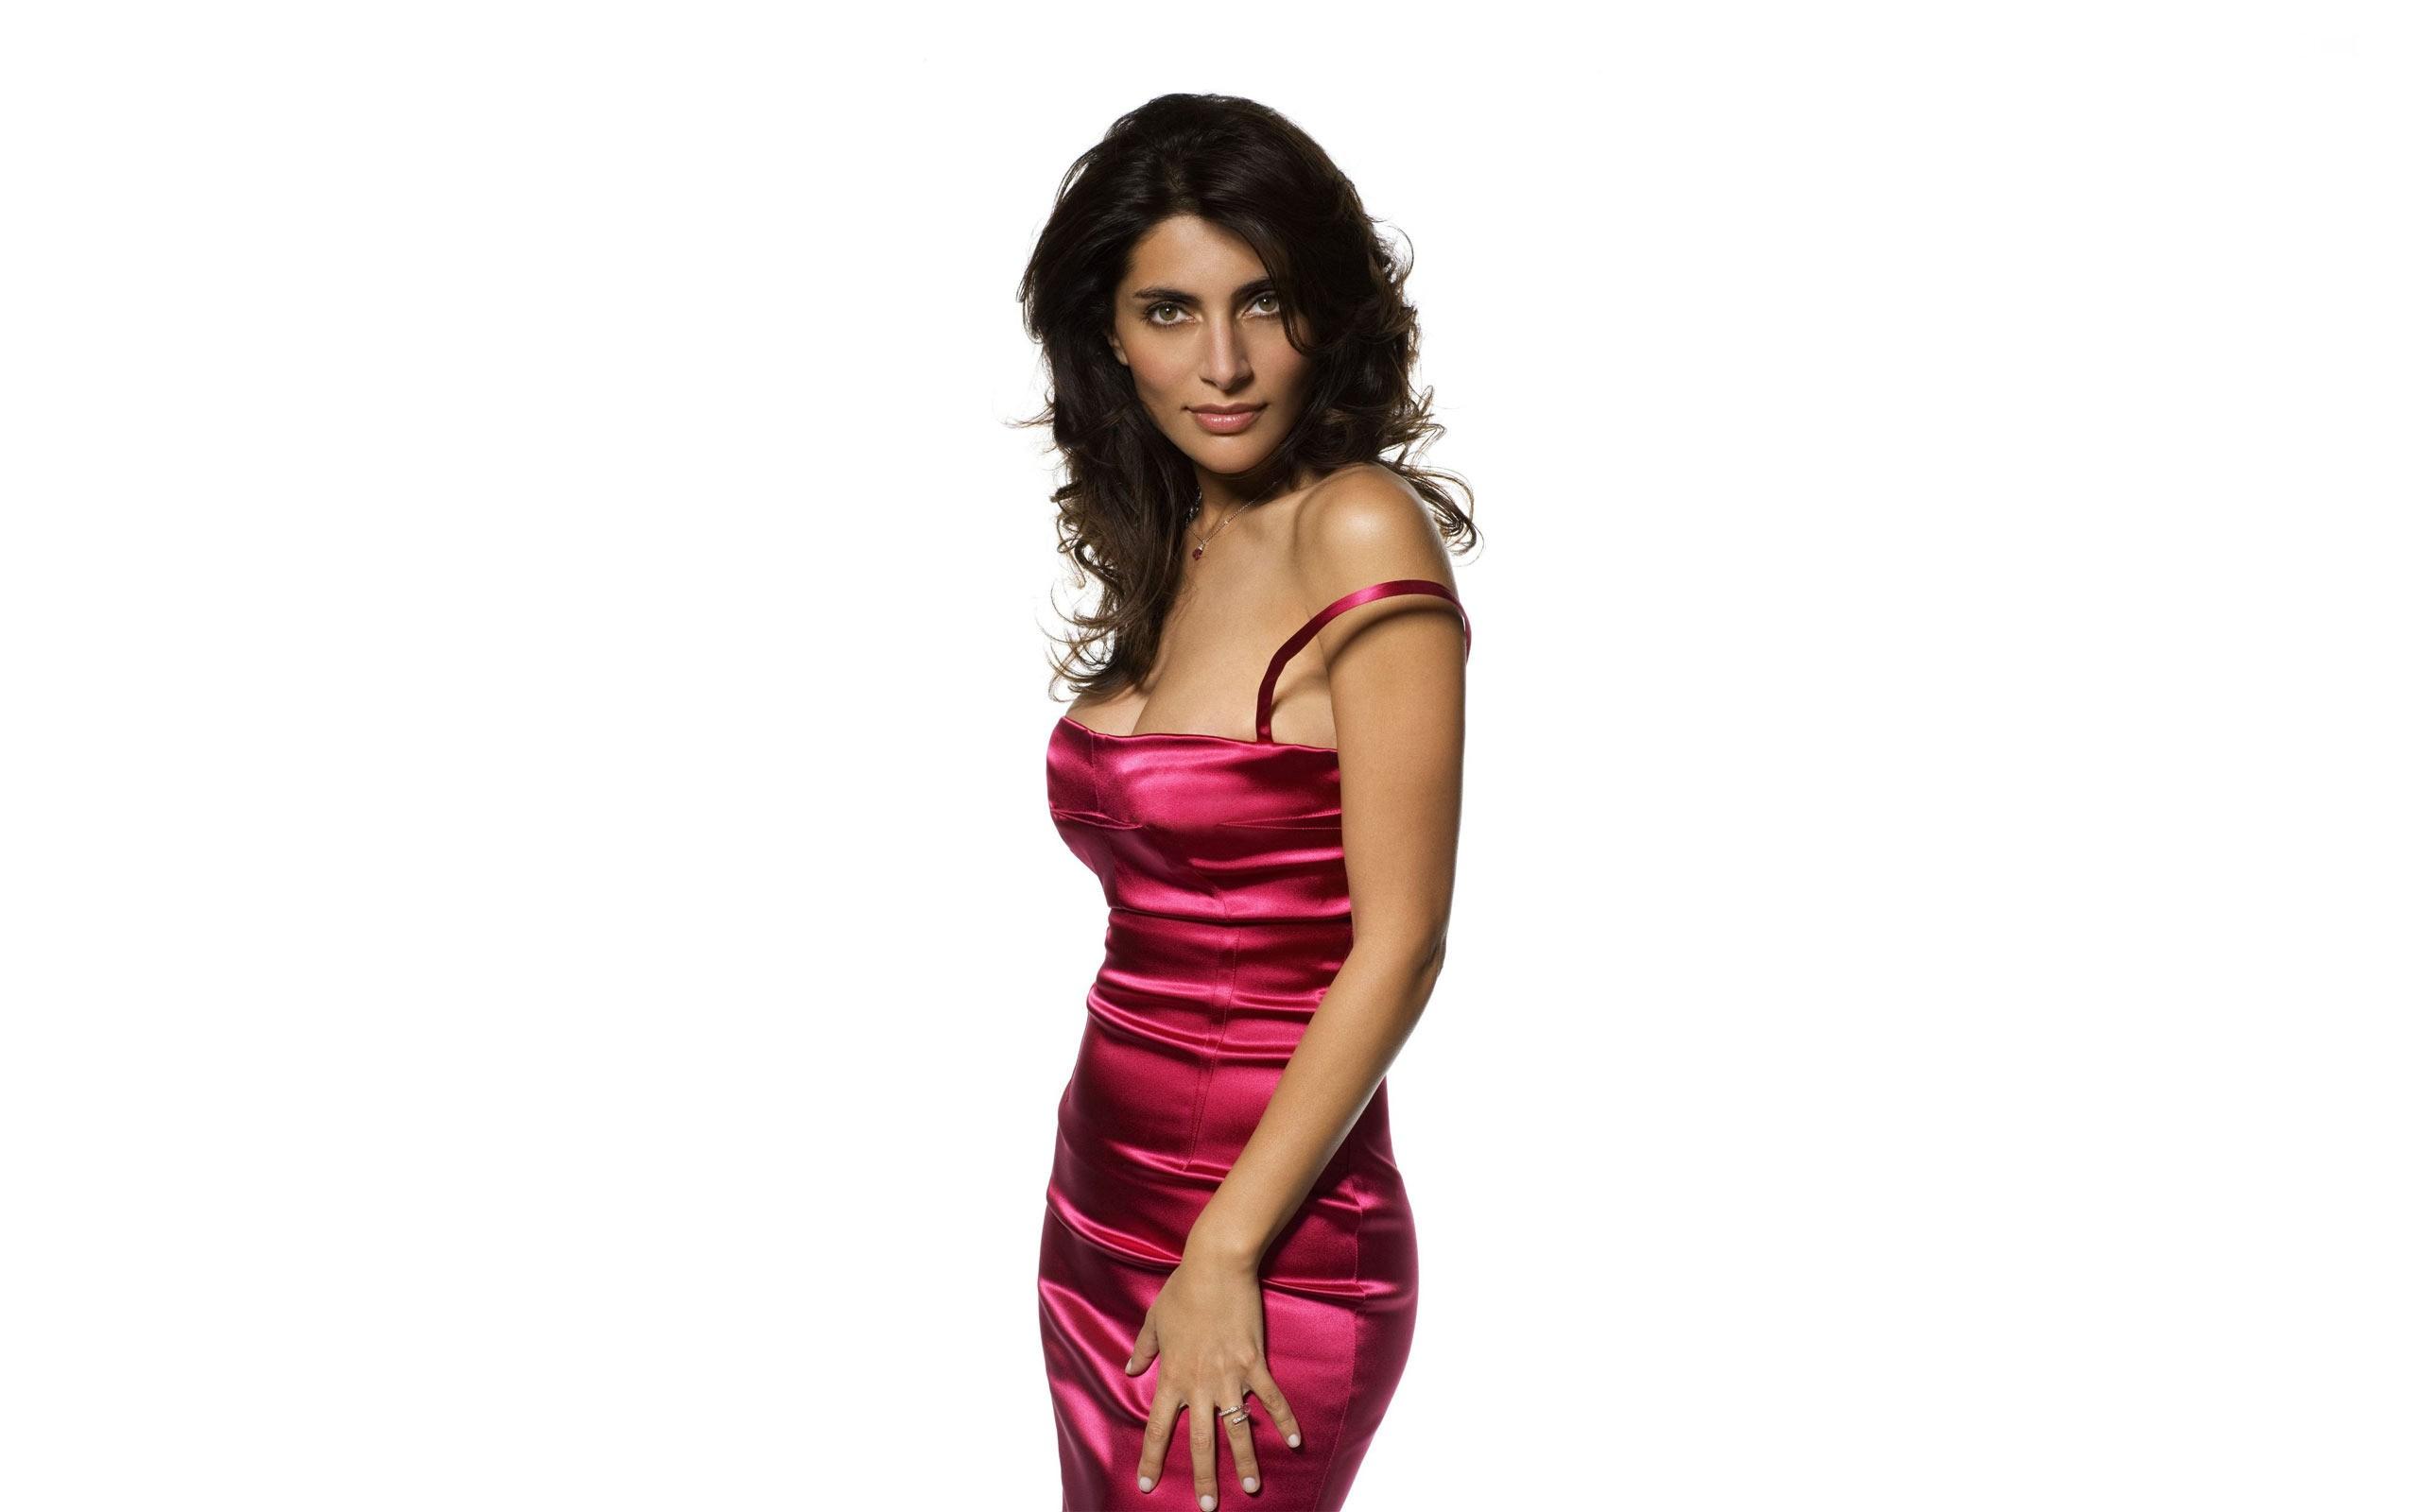 Caterina Murino en robe moulante